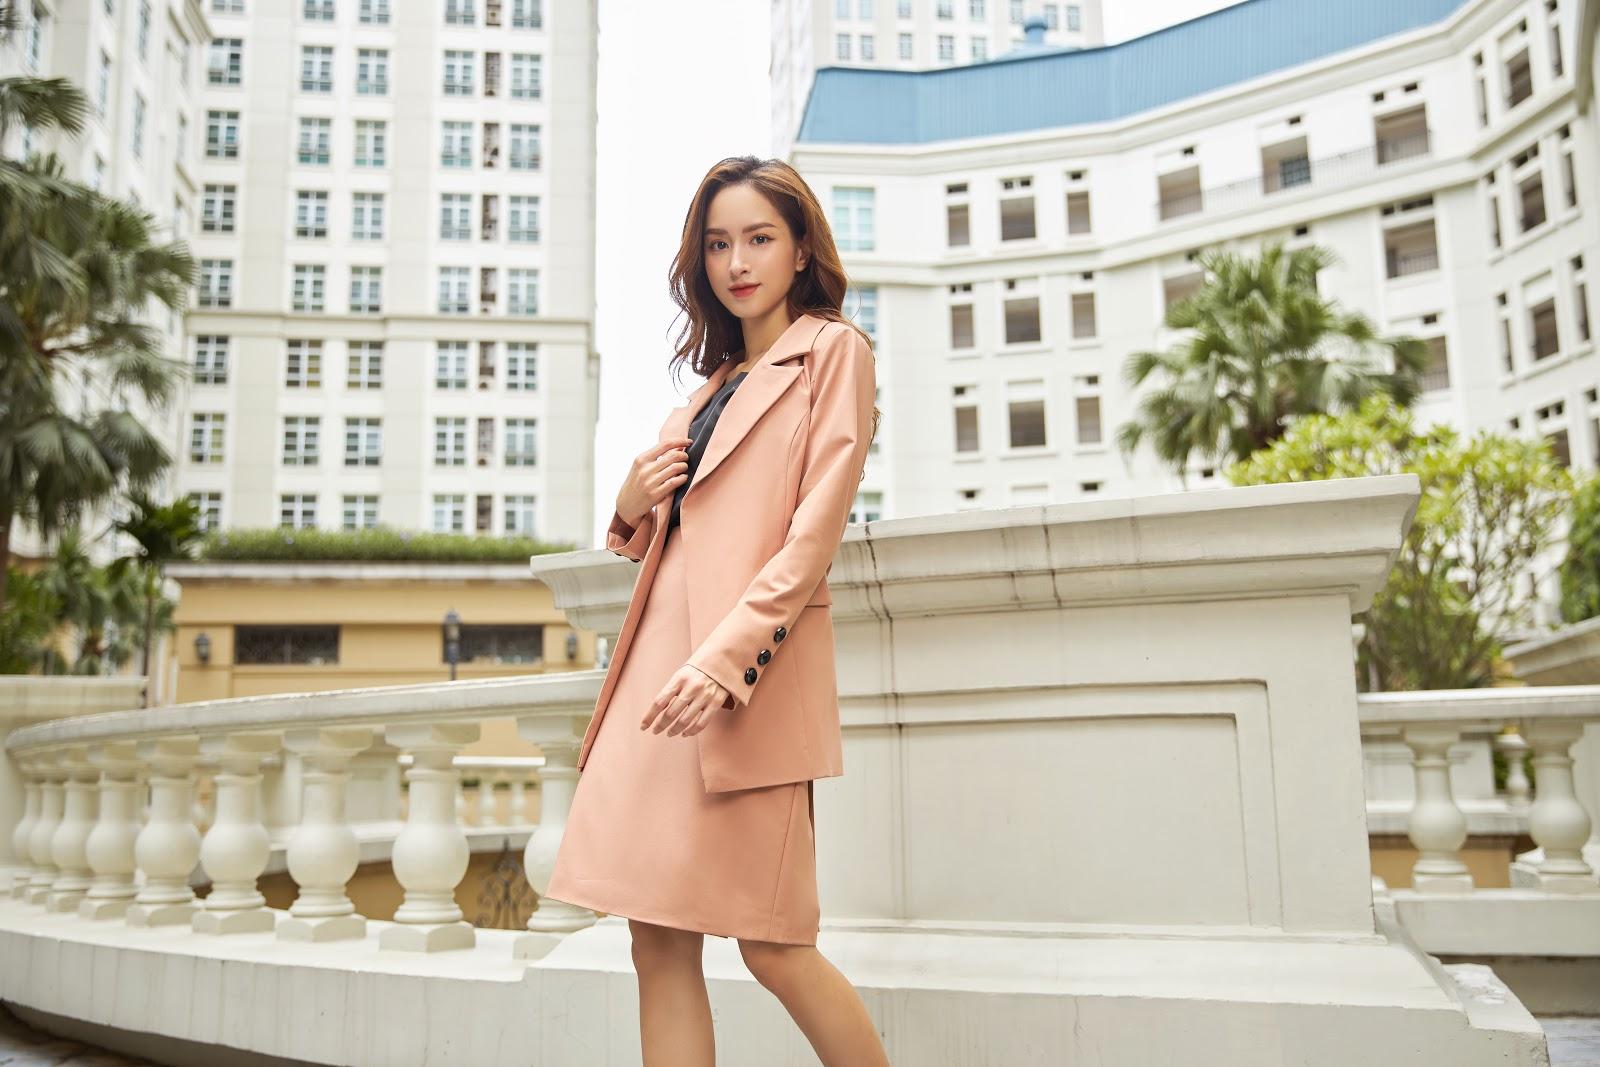 Các tín đồ thời trang sốt xình xịch trước bộ sưu tập mới đến từ thương hiệu Việt - GENNI